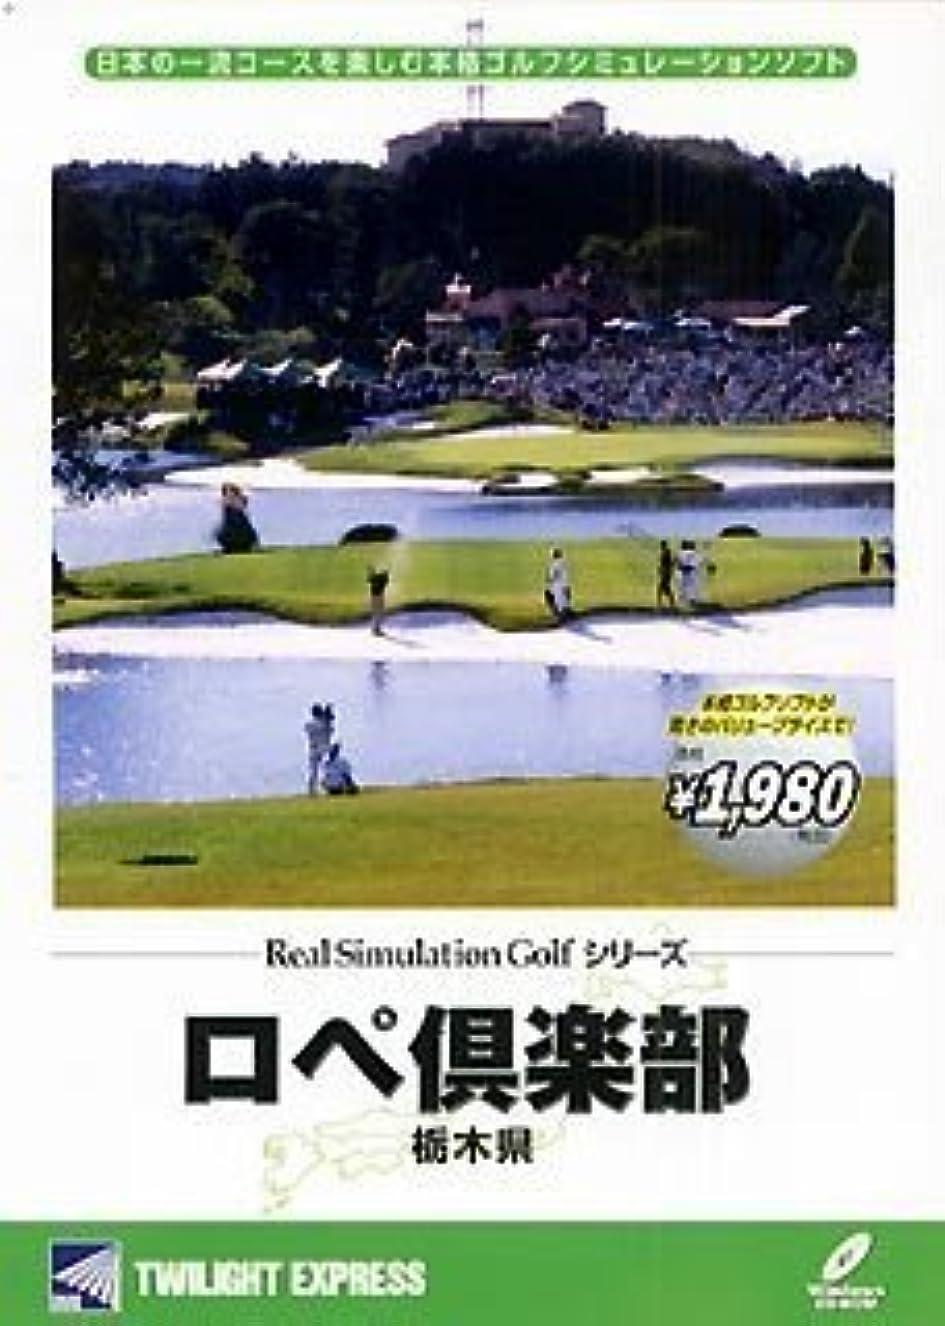 承認する統計結婚リアルシミュレーションゴルフシリーズ 国内コース 5 ロペ倶楽部 栃木県